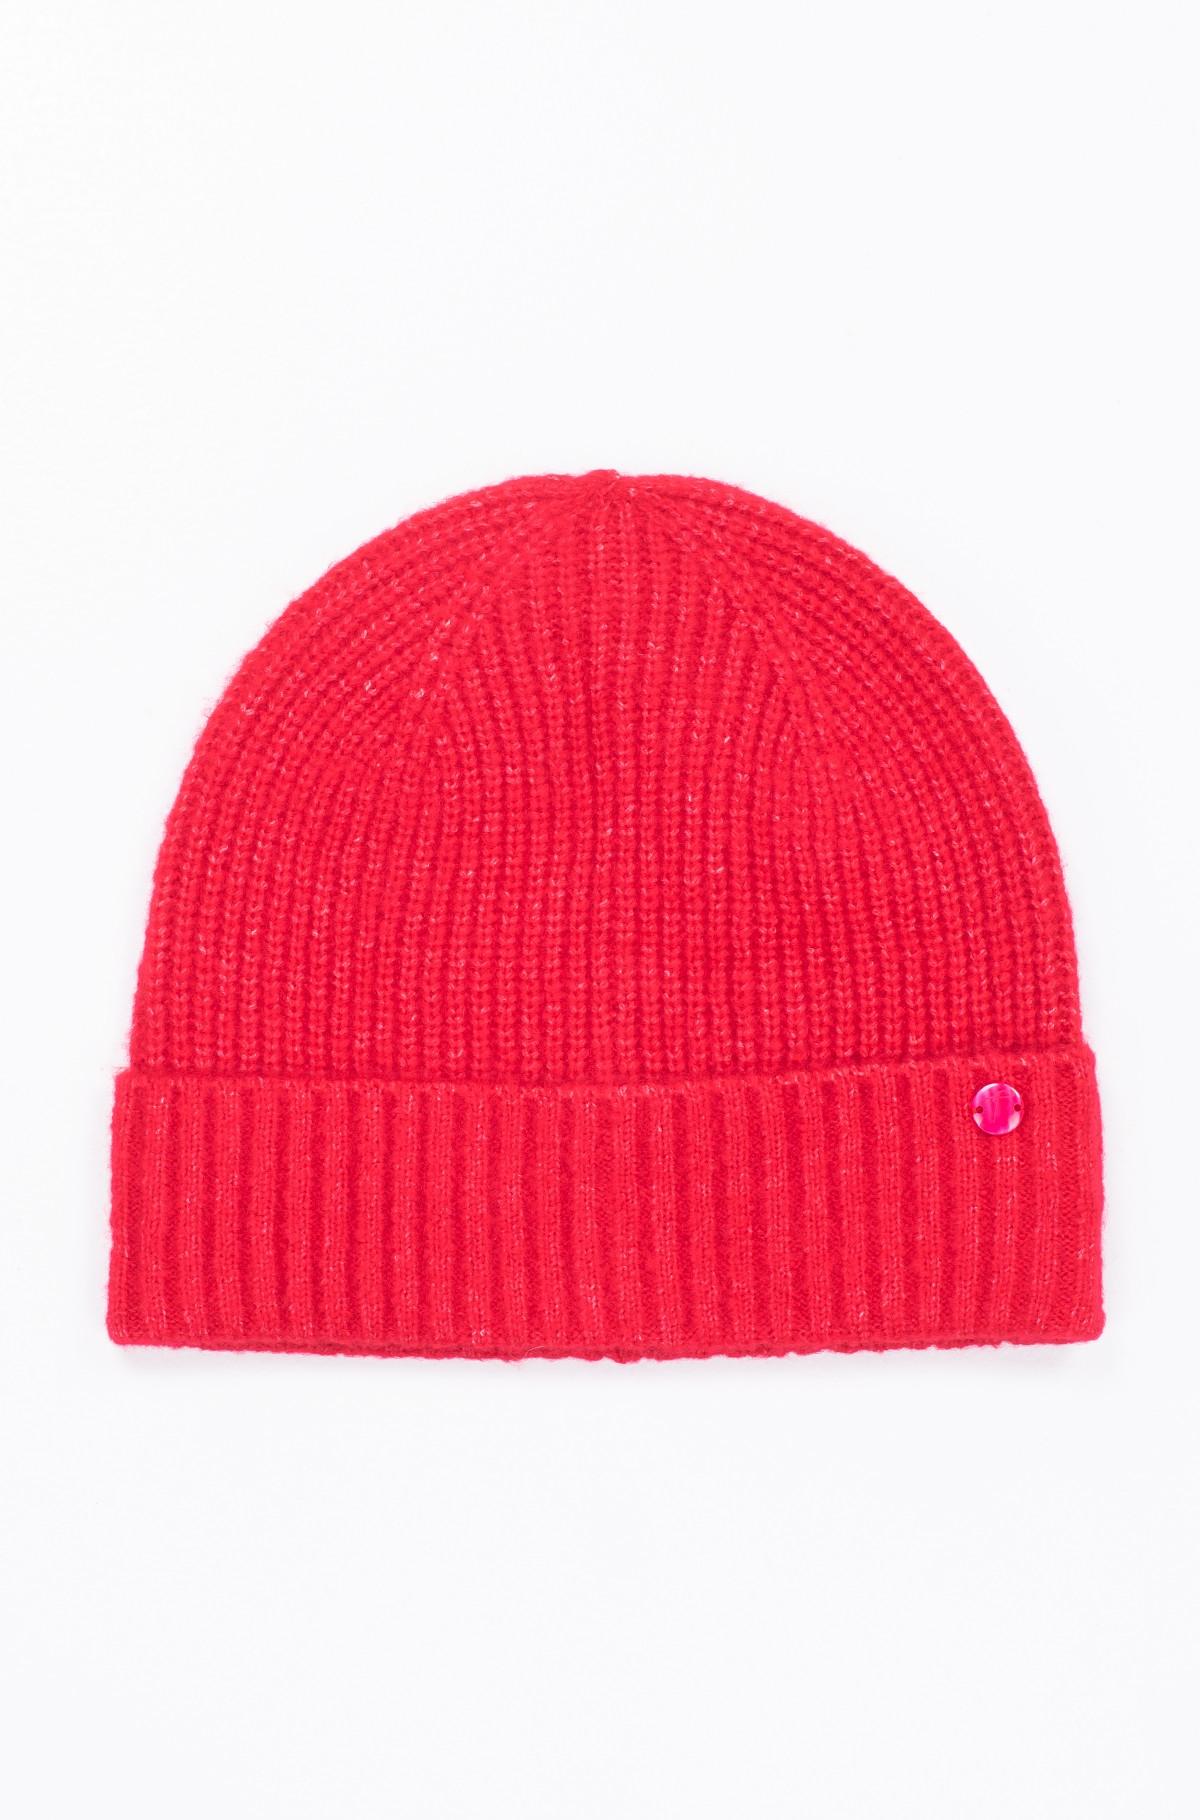 Hat 1015365-full-1